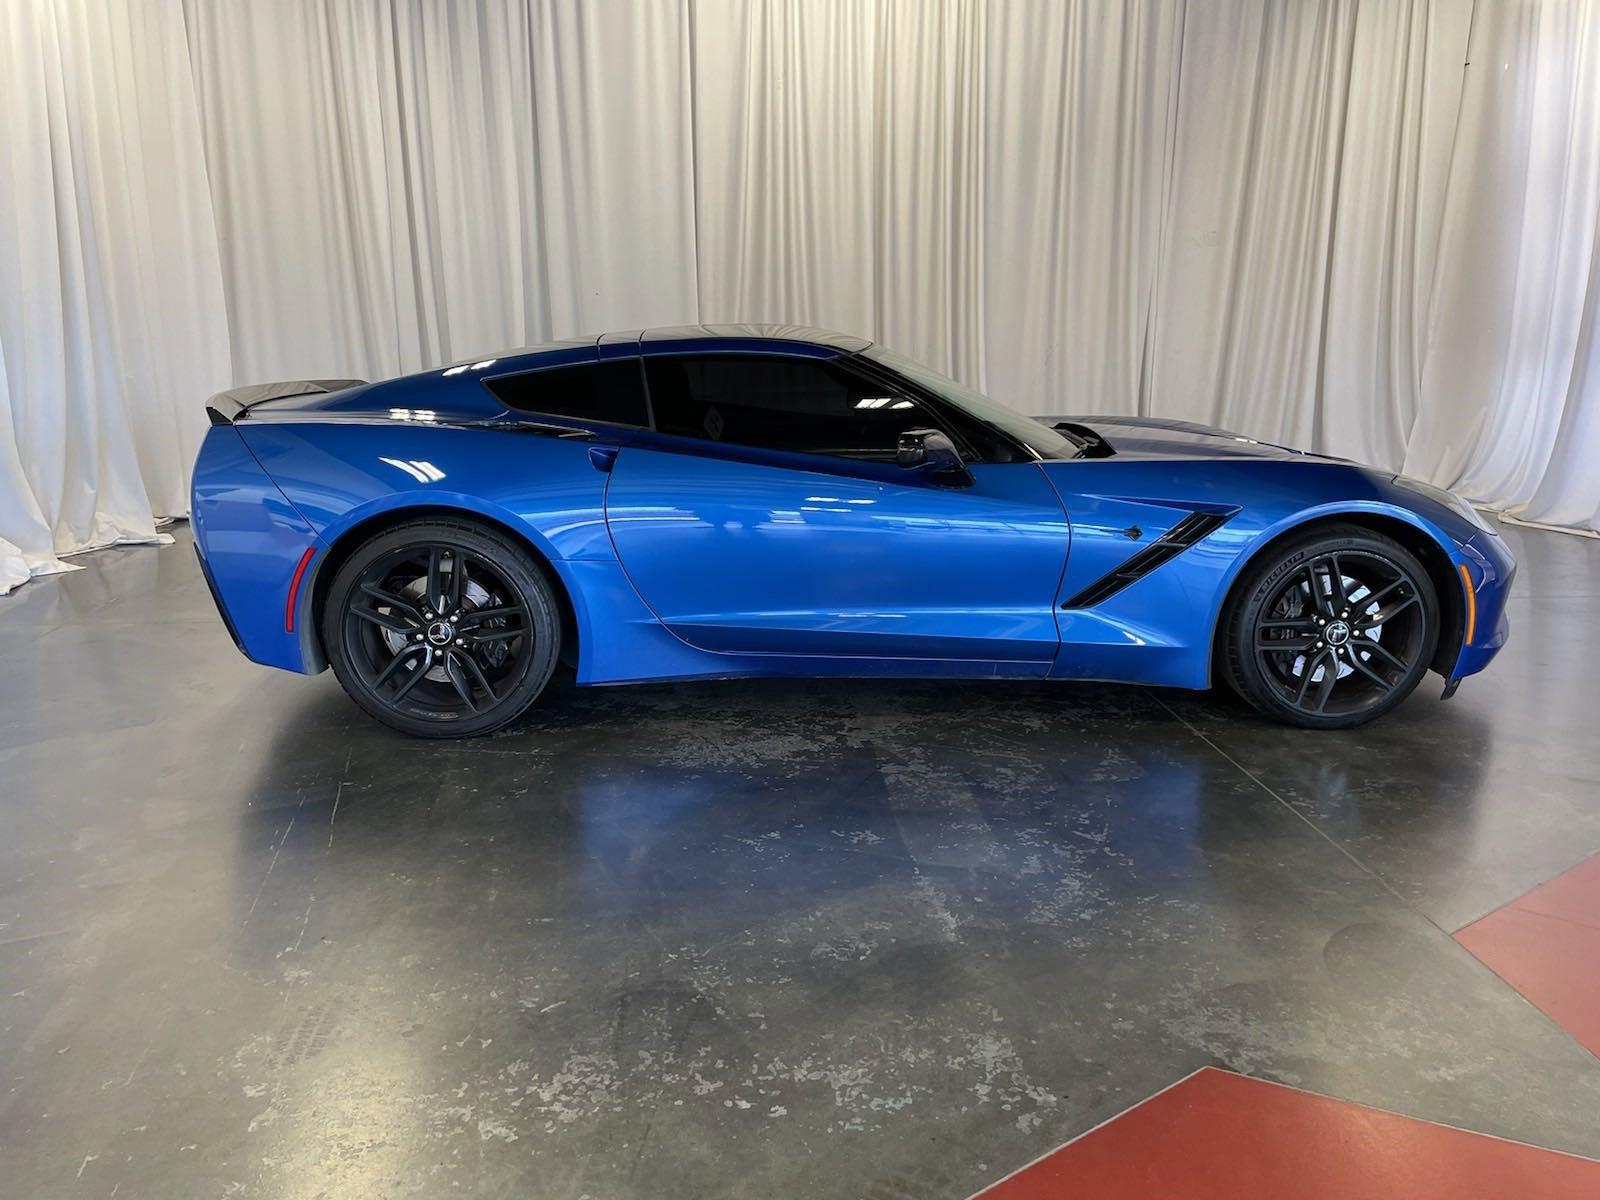 Used 2015 Chevrolet Corvette Z51 2LT 2dr Car for sale in St Joseph MO